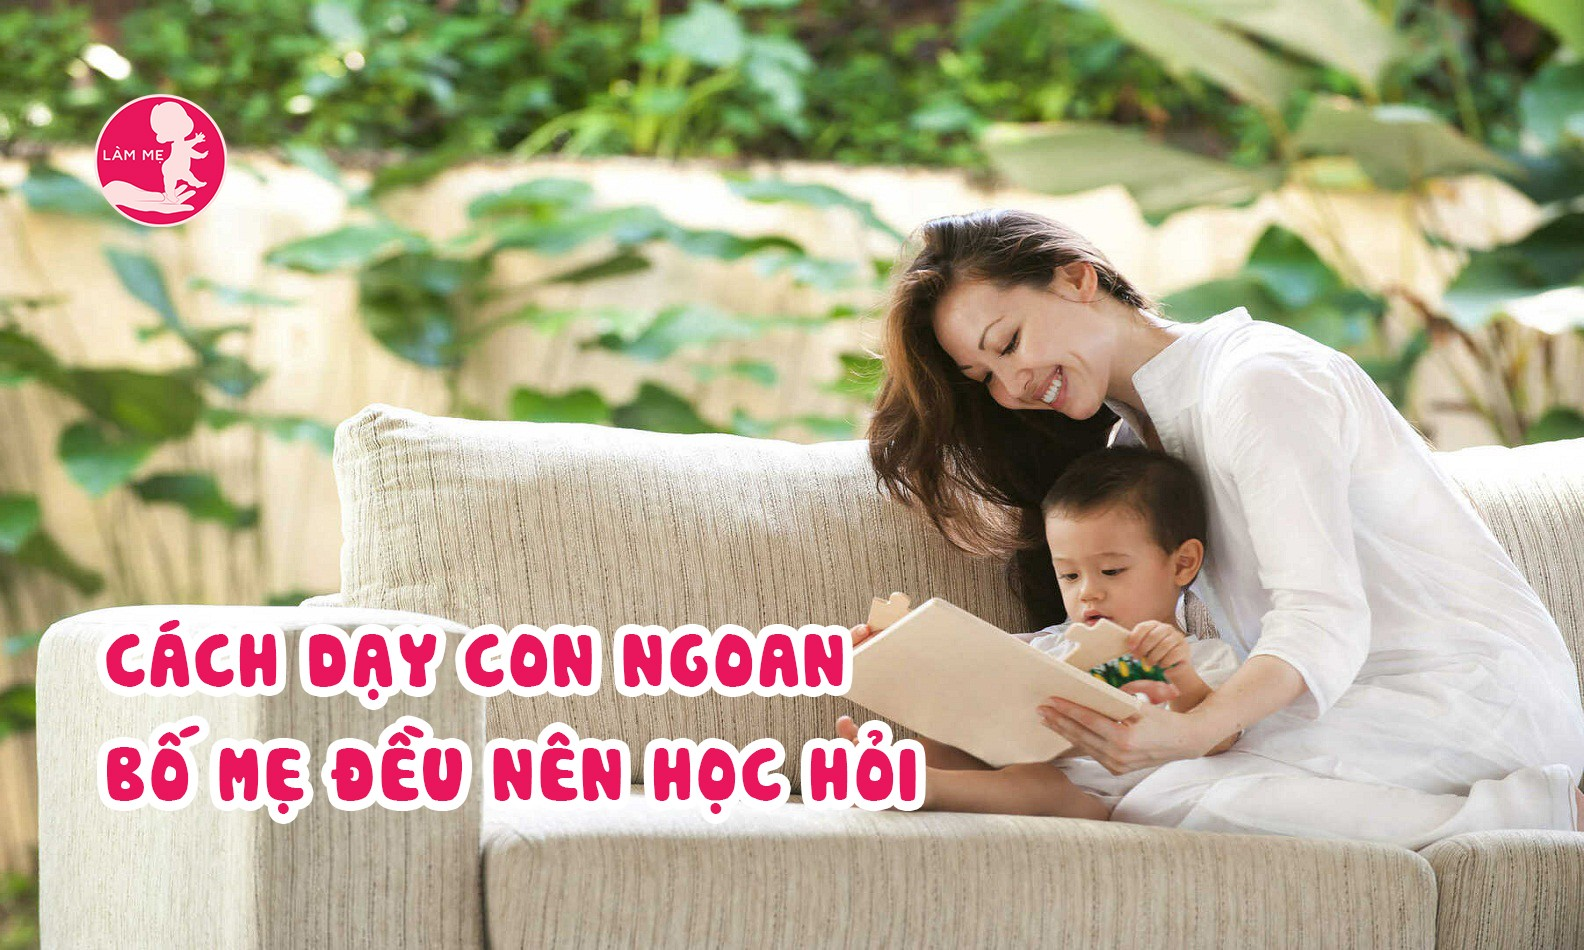 Dạy con ngoan thật dễ nếu bố mẹ bỏ ngay những thói quen sau